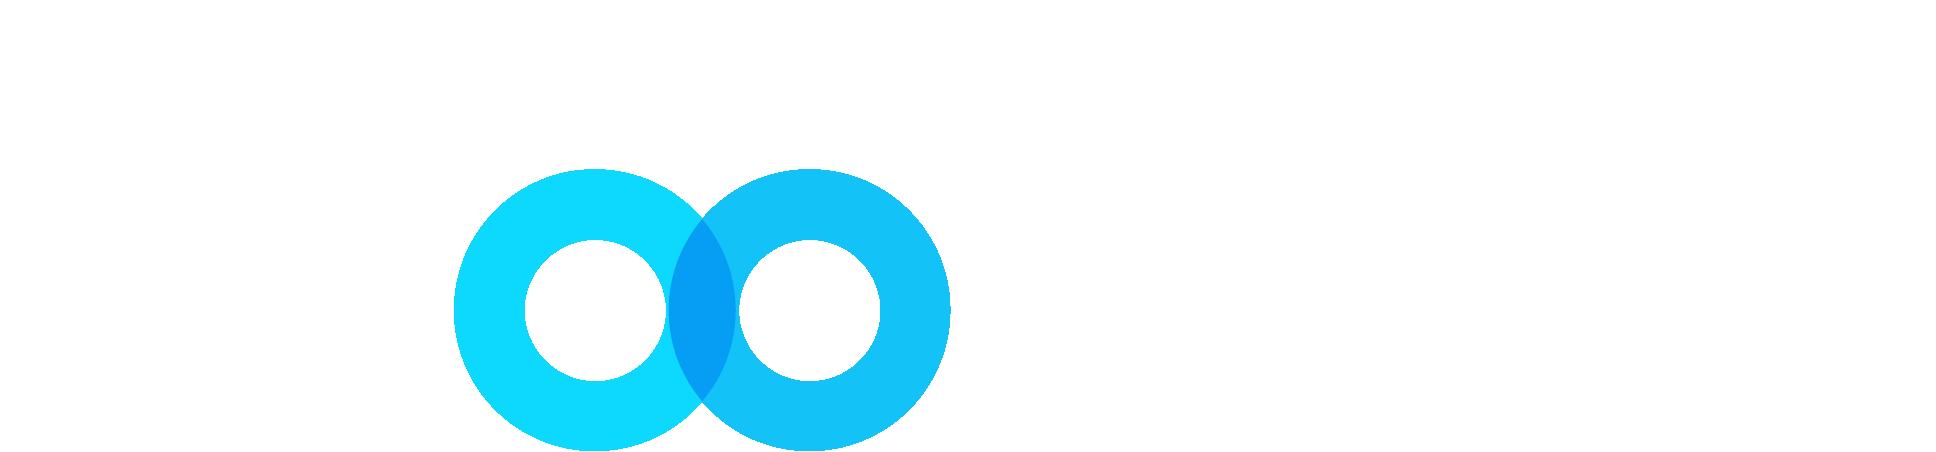 Moodlab